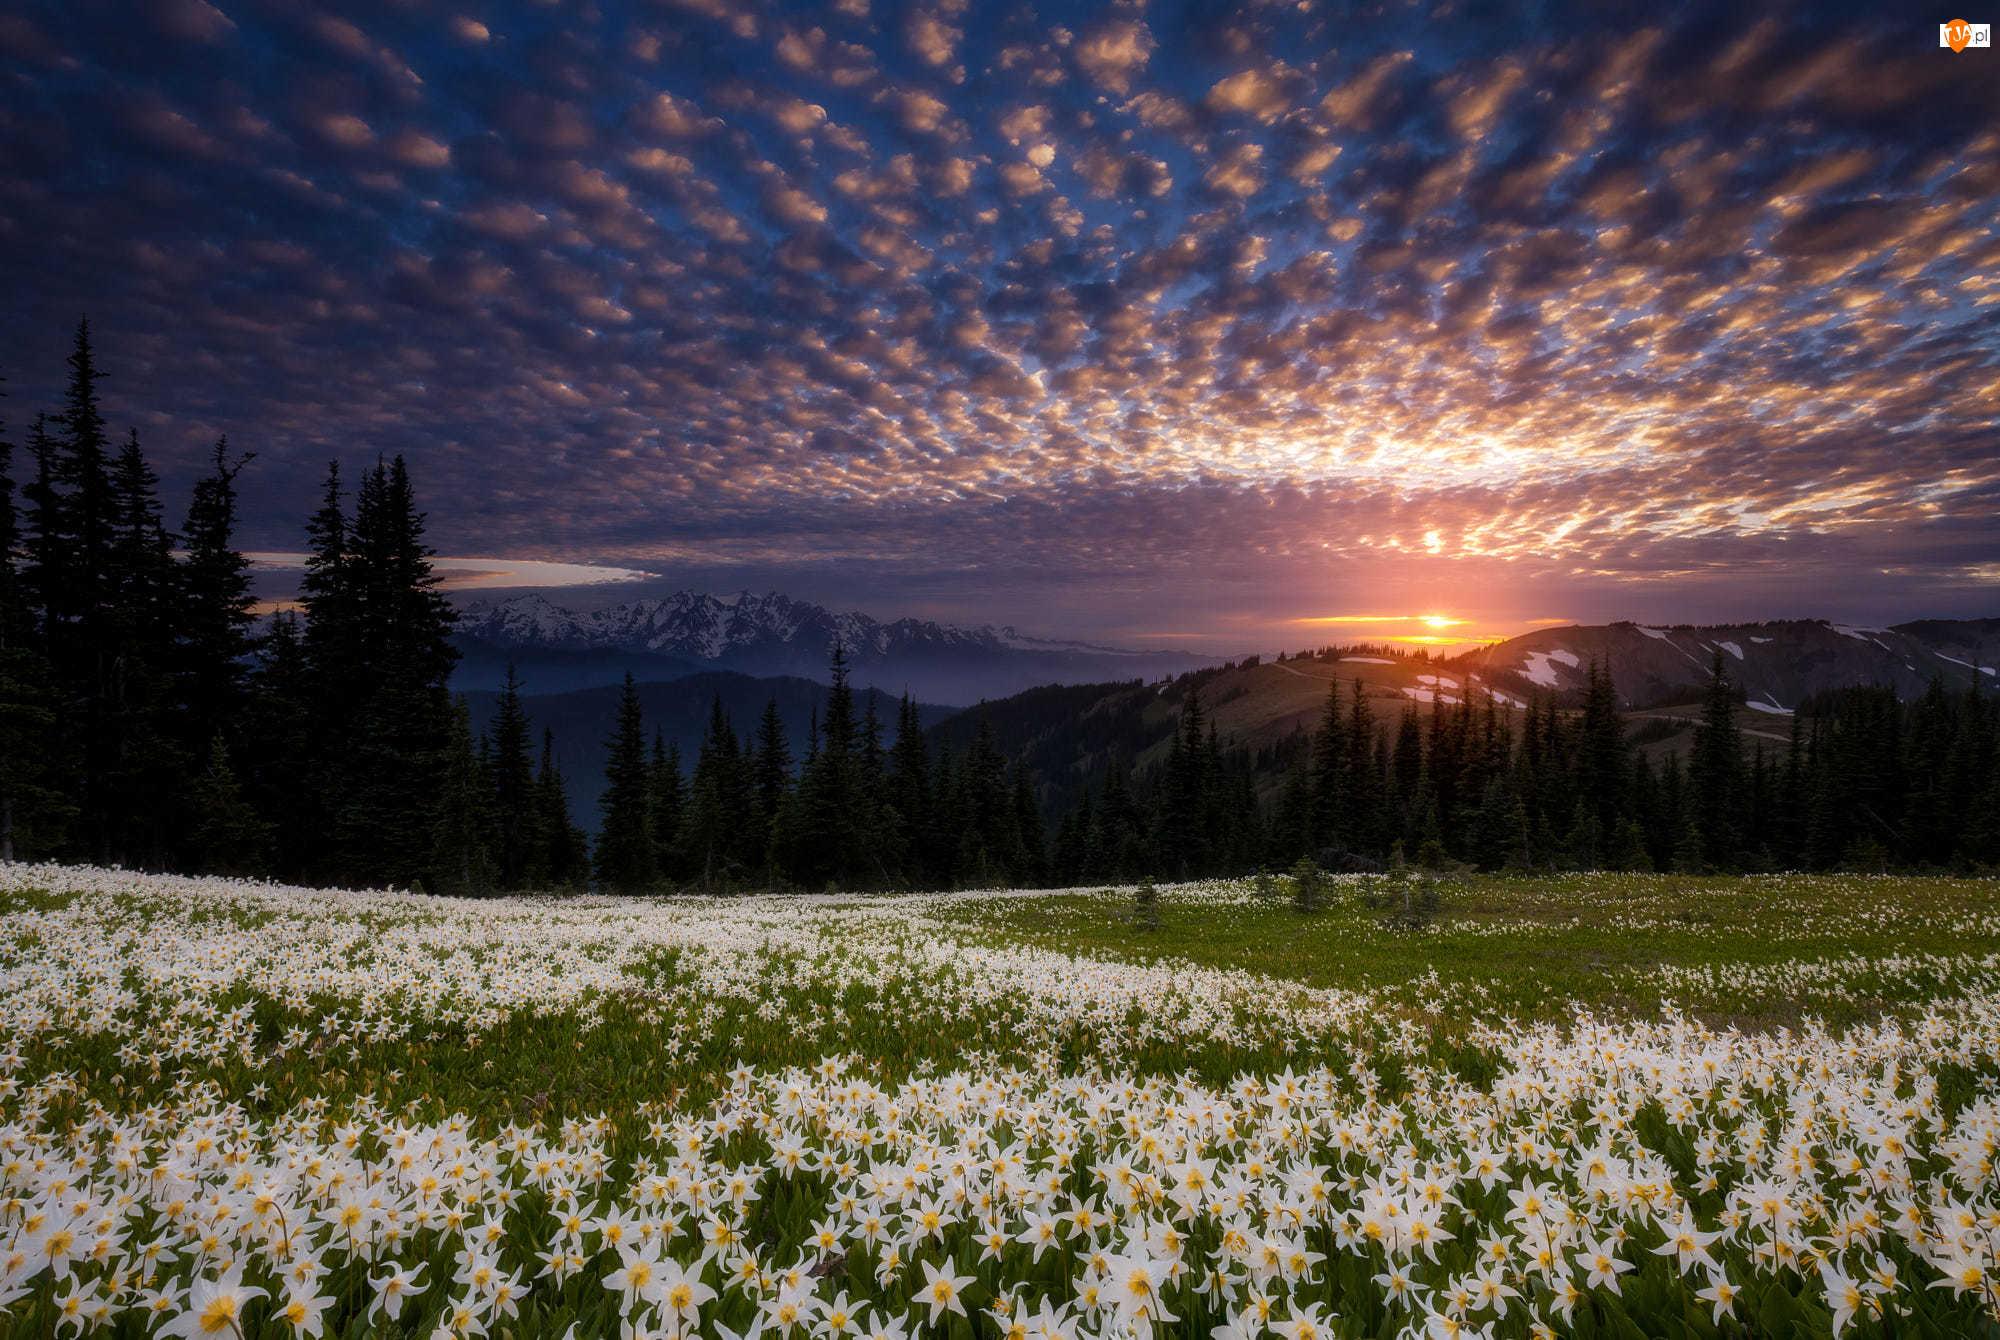 Kwiaty, Góry, Psizęby, Stan Waszyngton, Zachód słońca, Stany Zjednoczone, Drzewa, Park Narodowy Olympic, Lasy